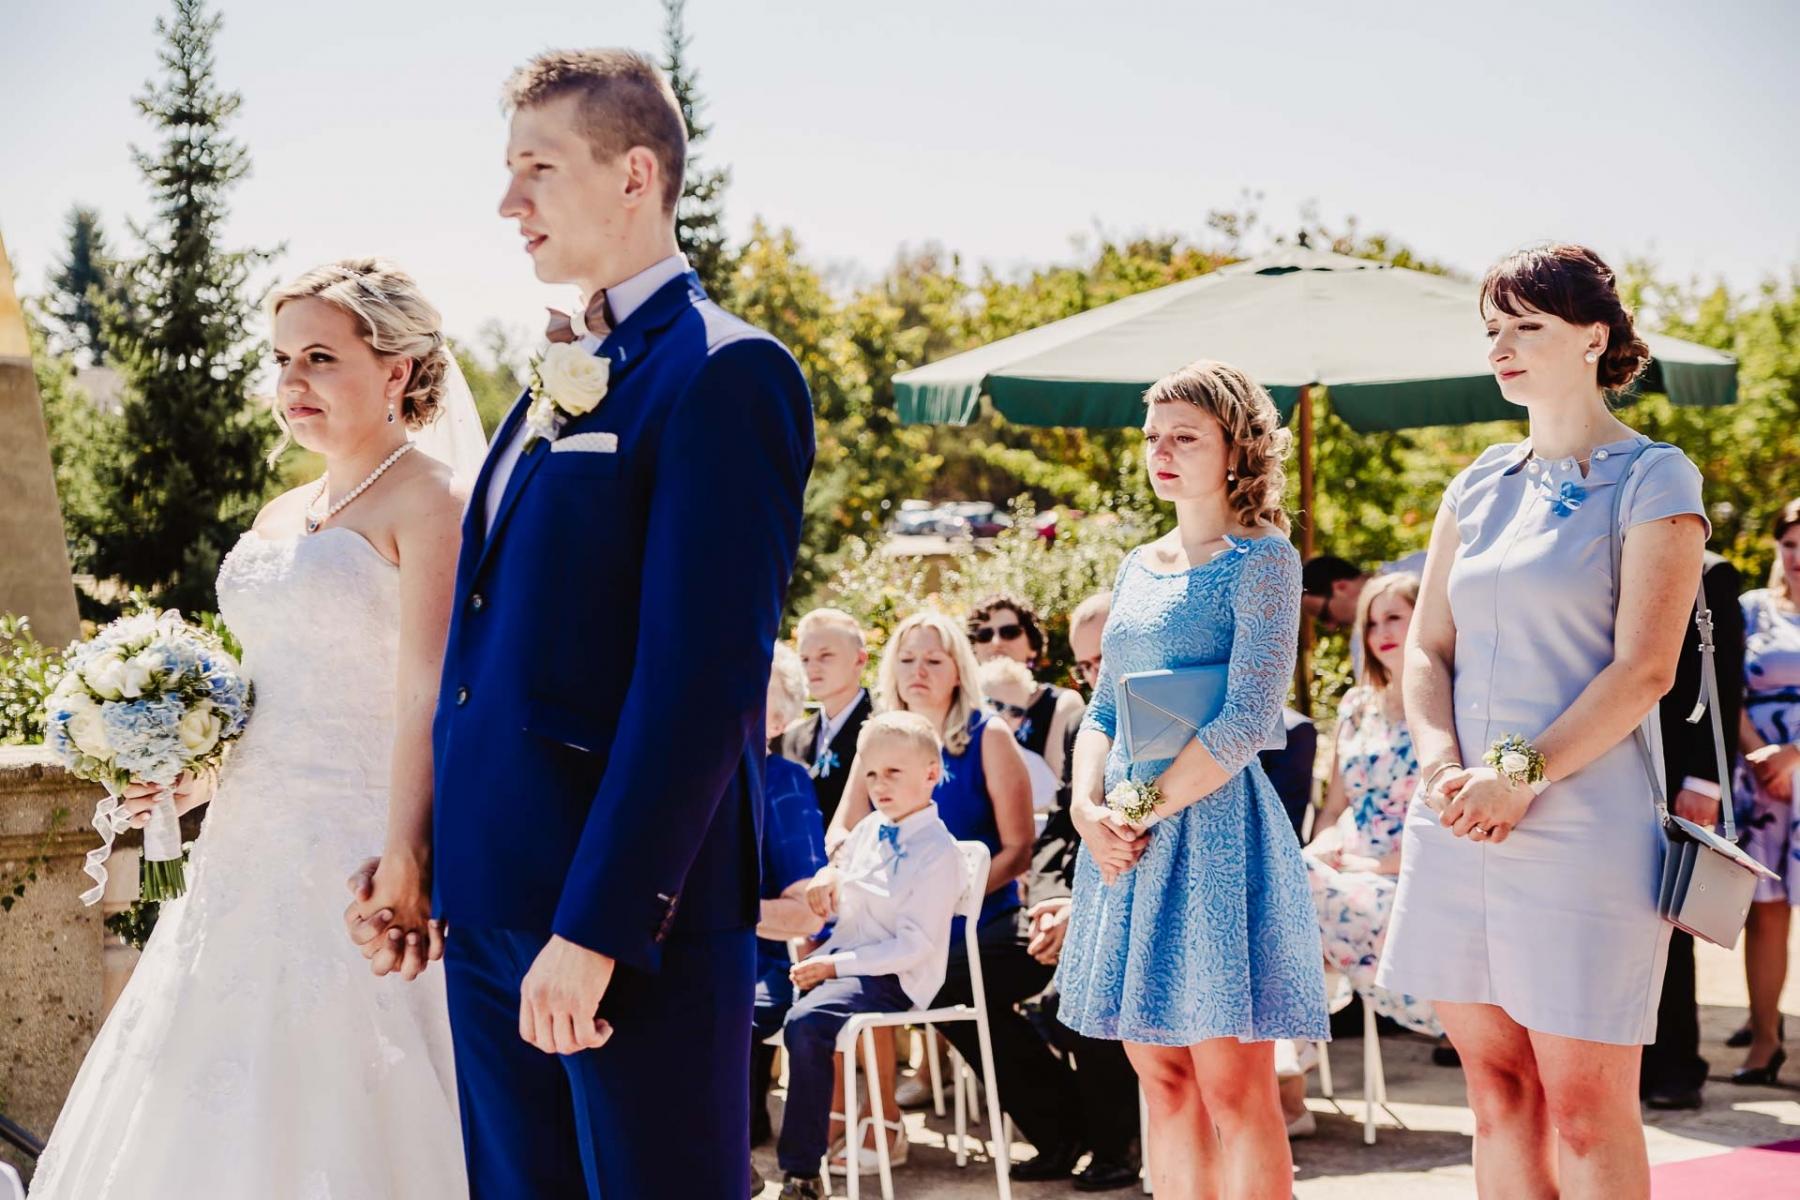 svatební fotograf zámek Mníšek pod Brdy, svatba na zámku, letní nejkrásnější zámecká svatba, Bára a Ondra-38